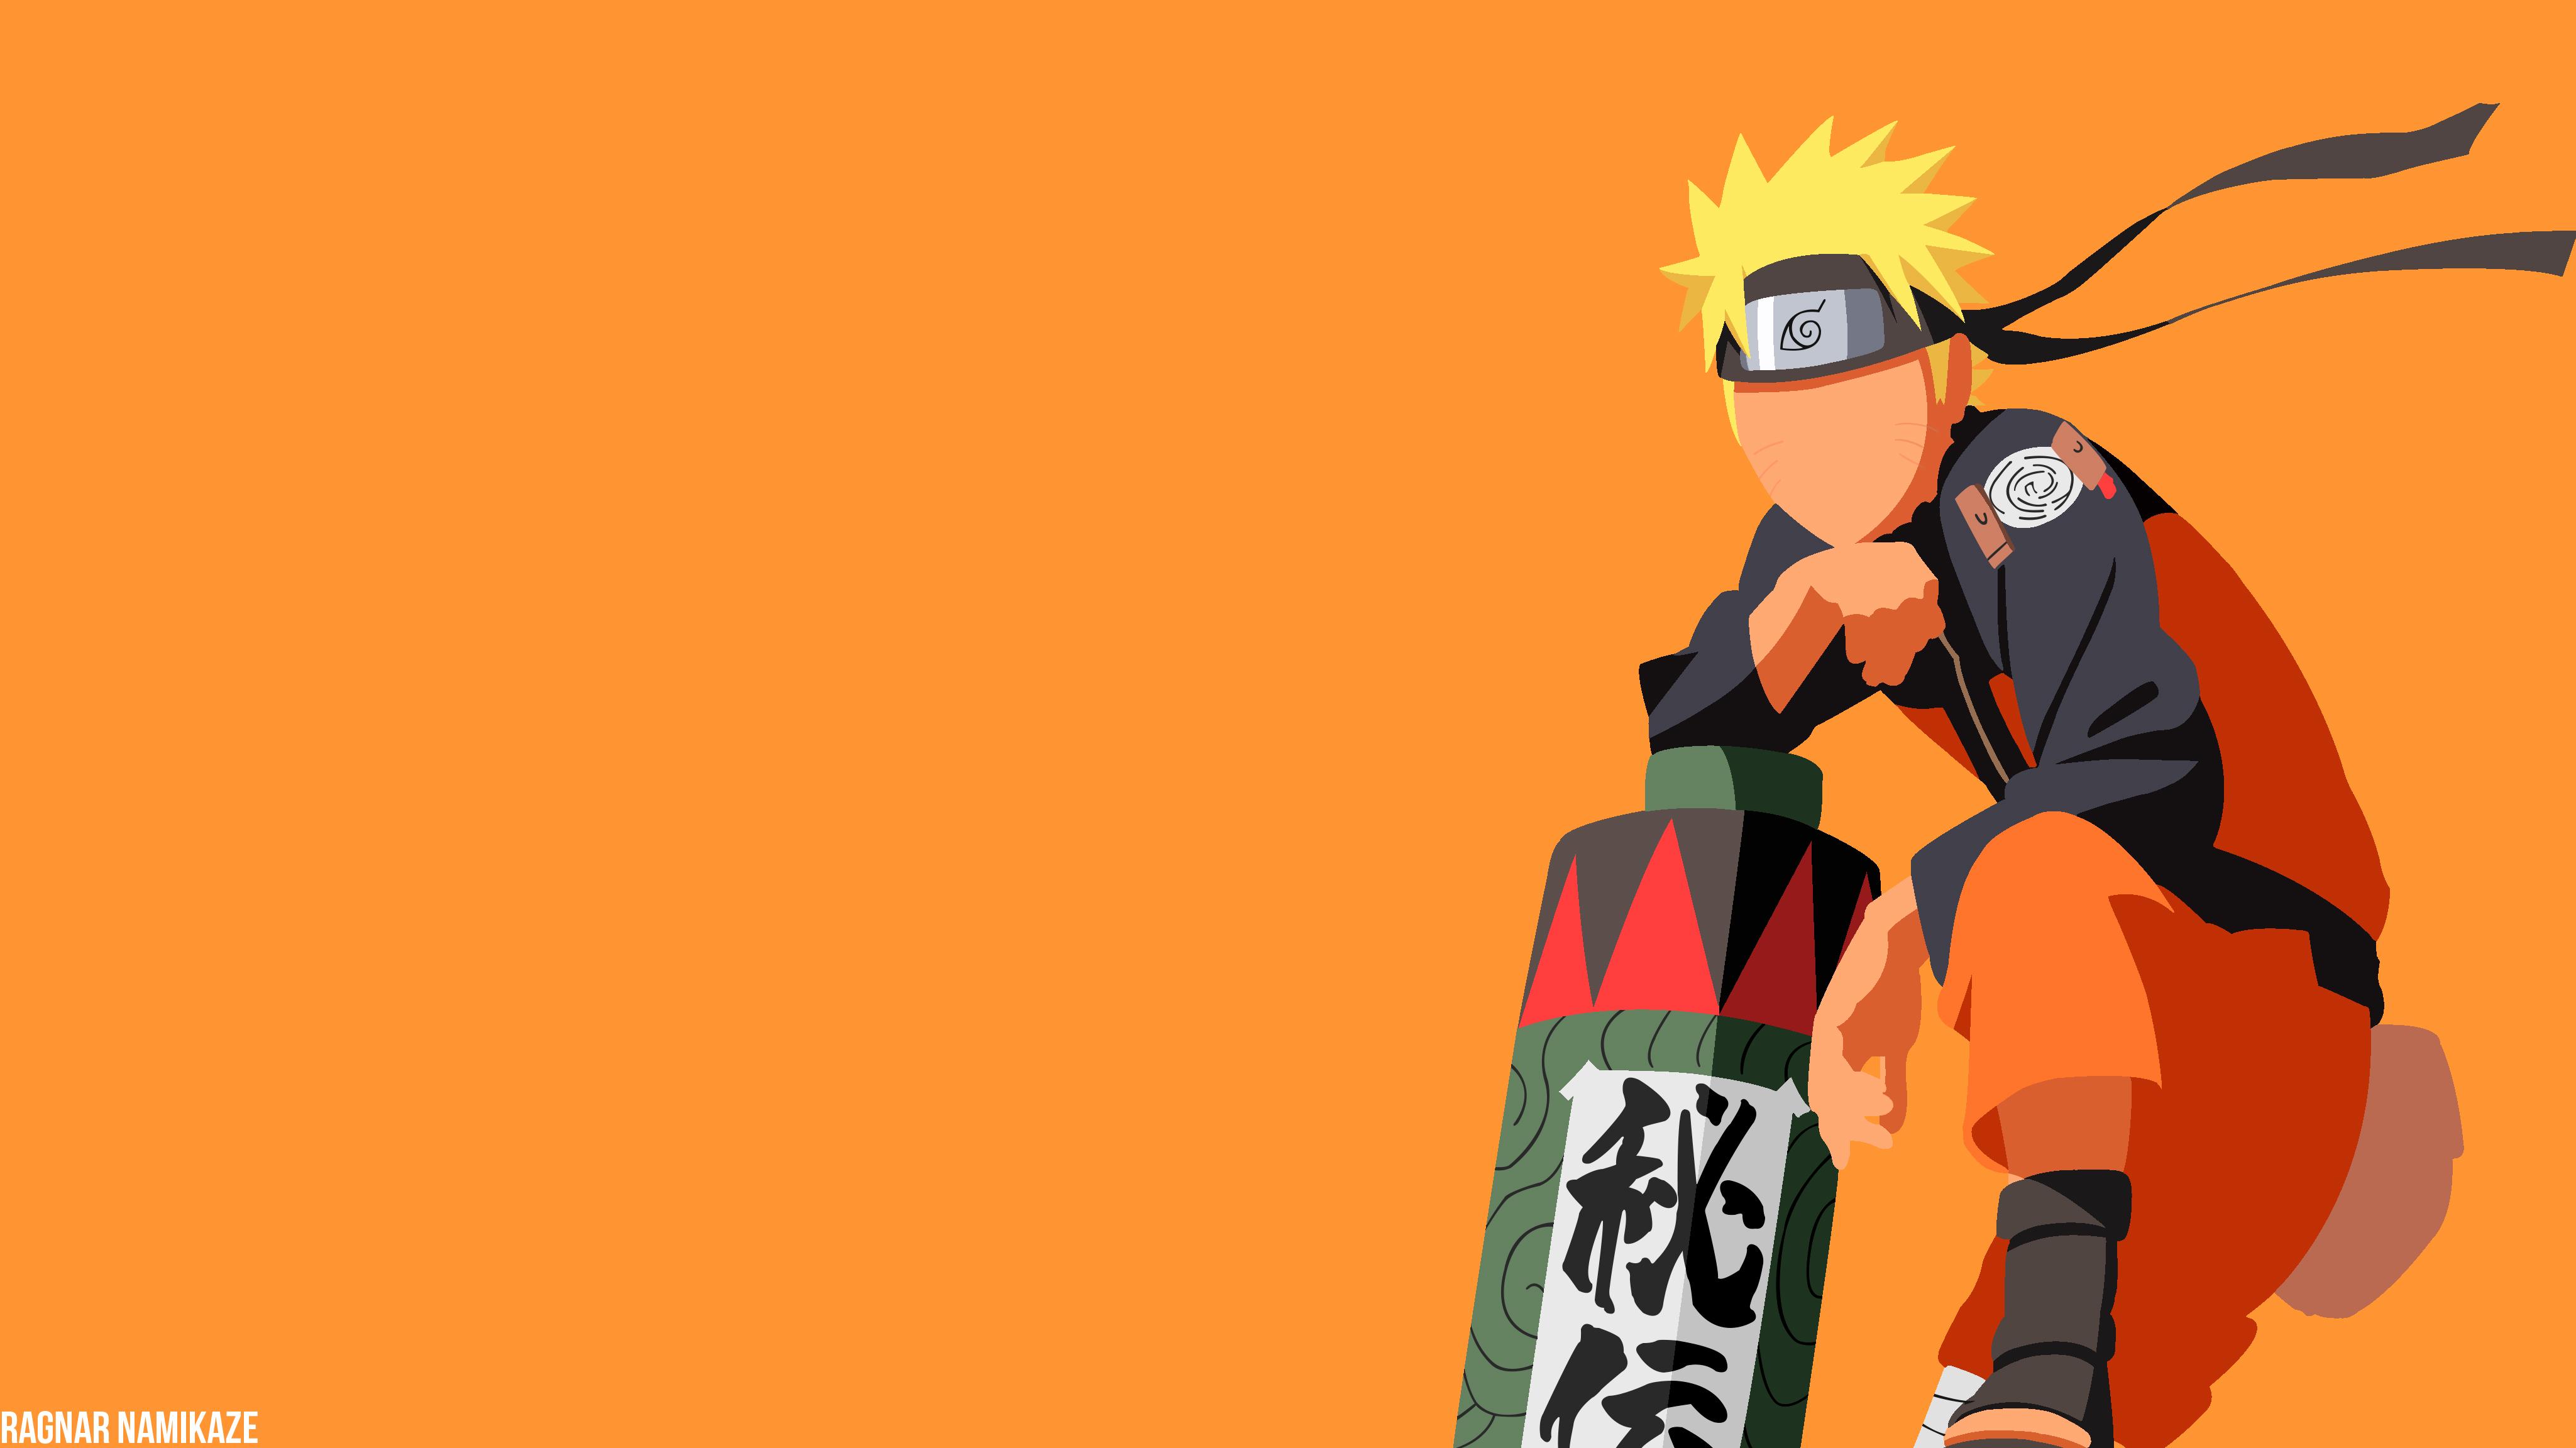 Naruto Uzumaki Minimalist Wallpaper, HD Minimalist 4K ...